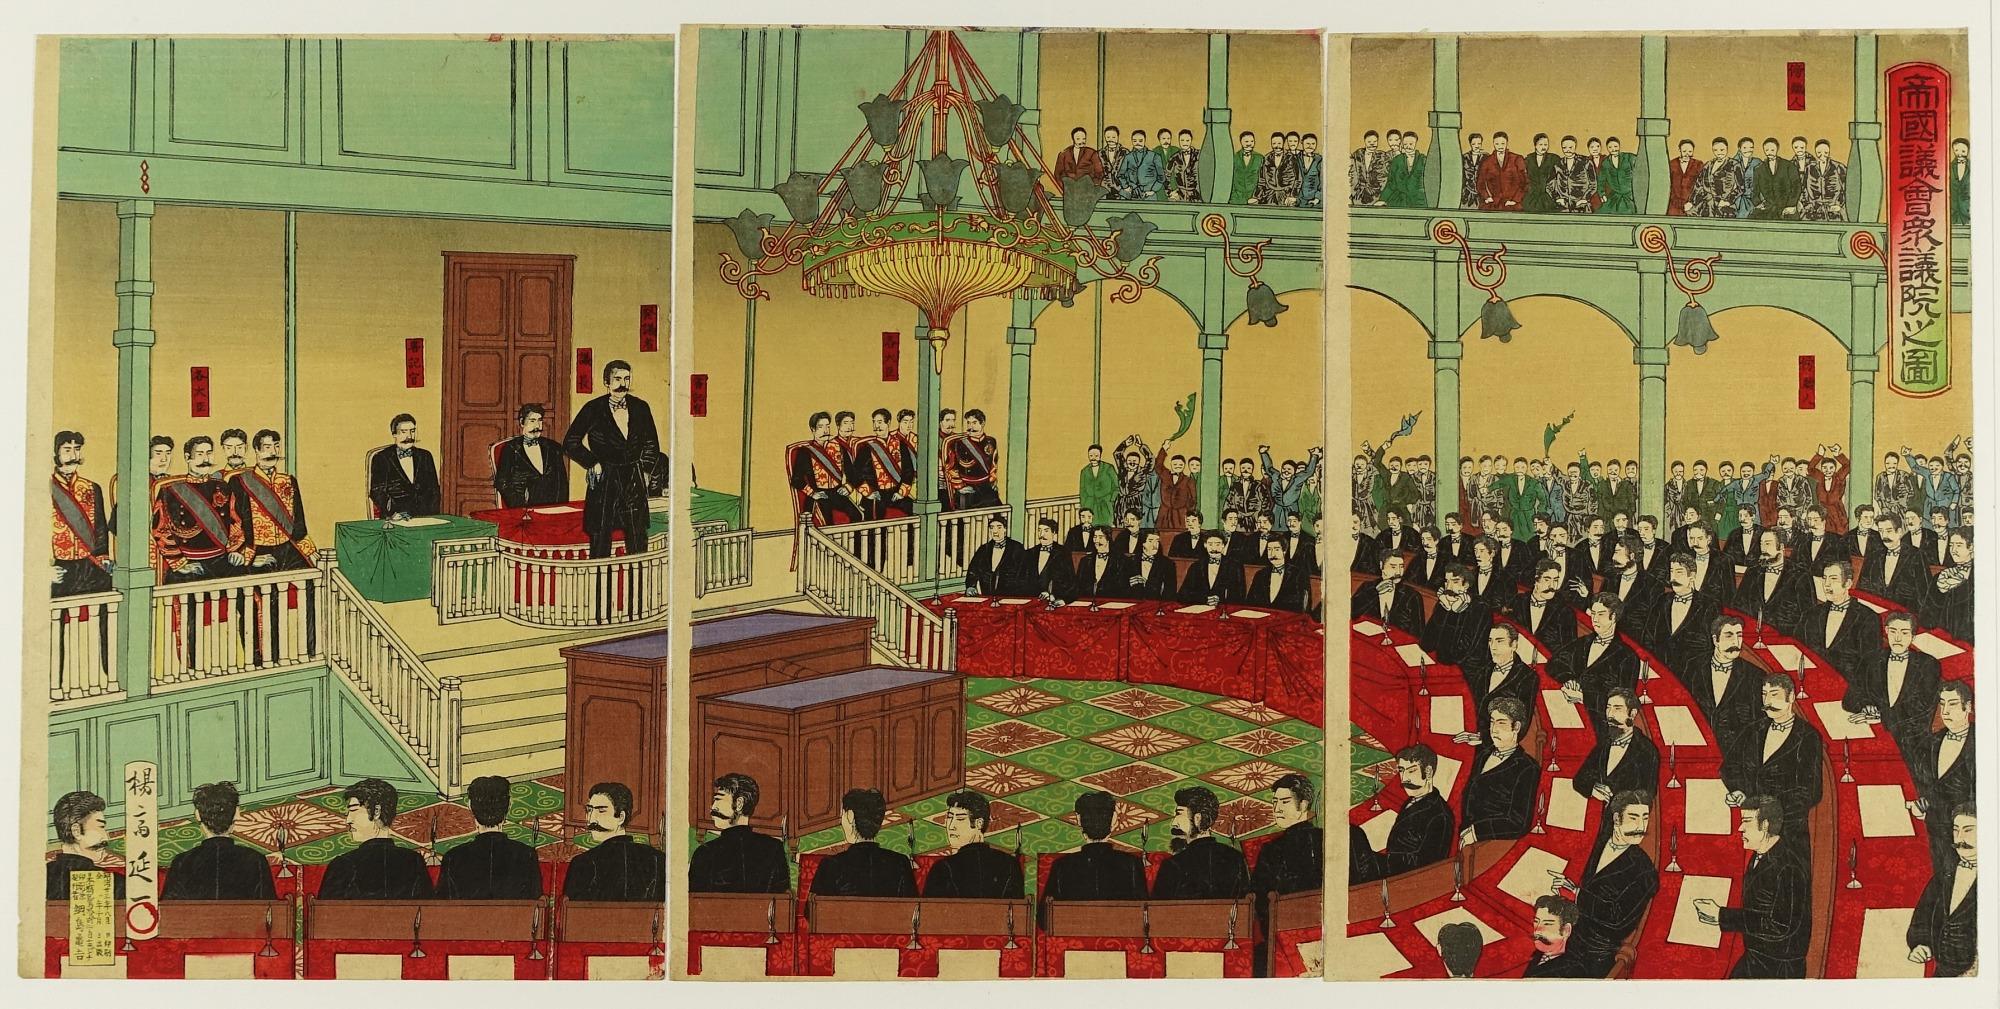 帝国議会衆議院之図 三枚続 | 山星書店 浮世絵 在庫目録 名古屋